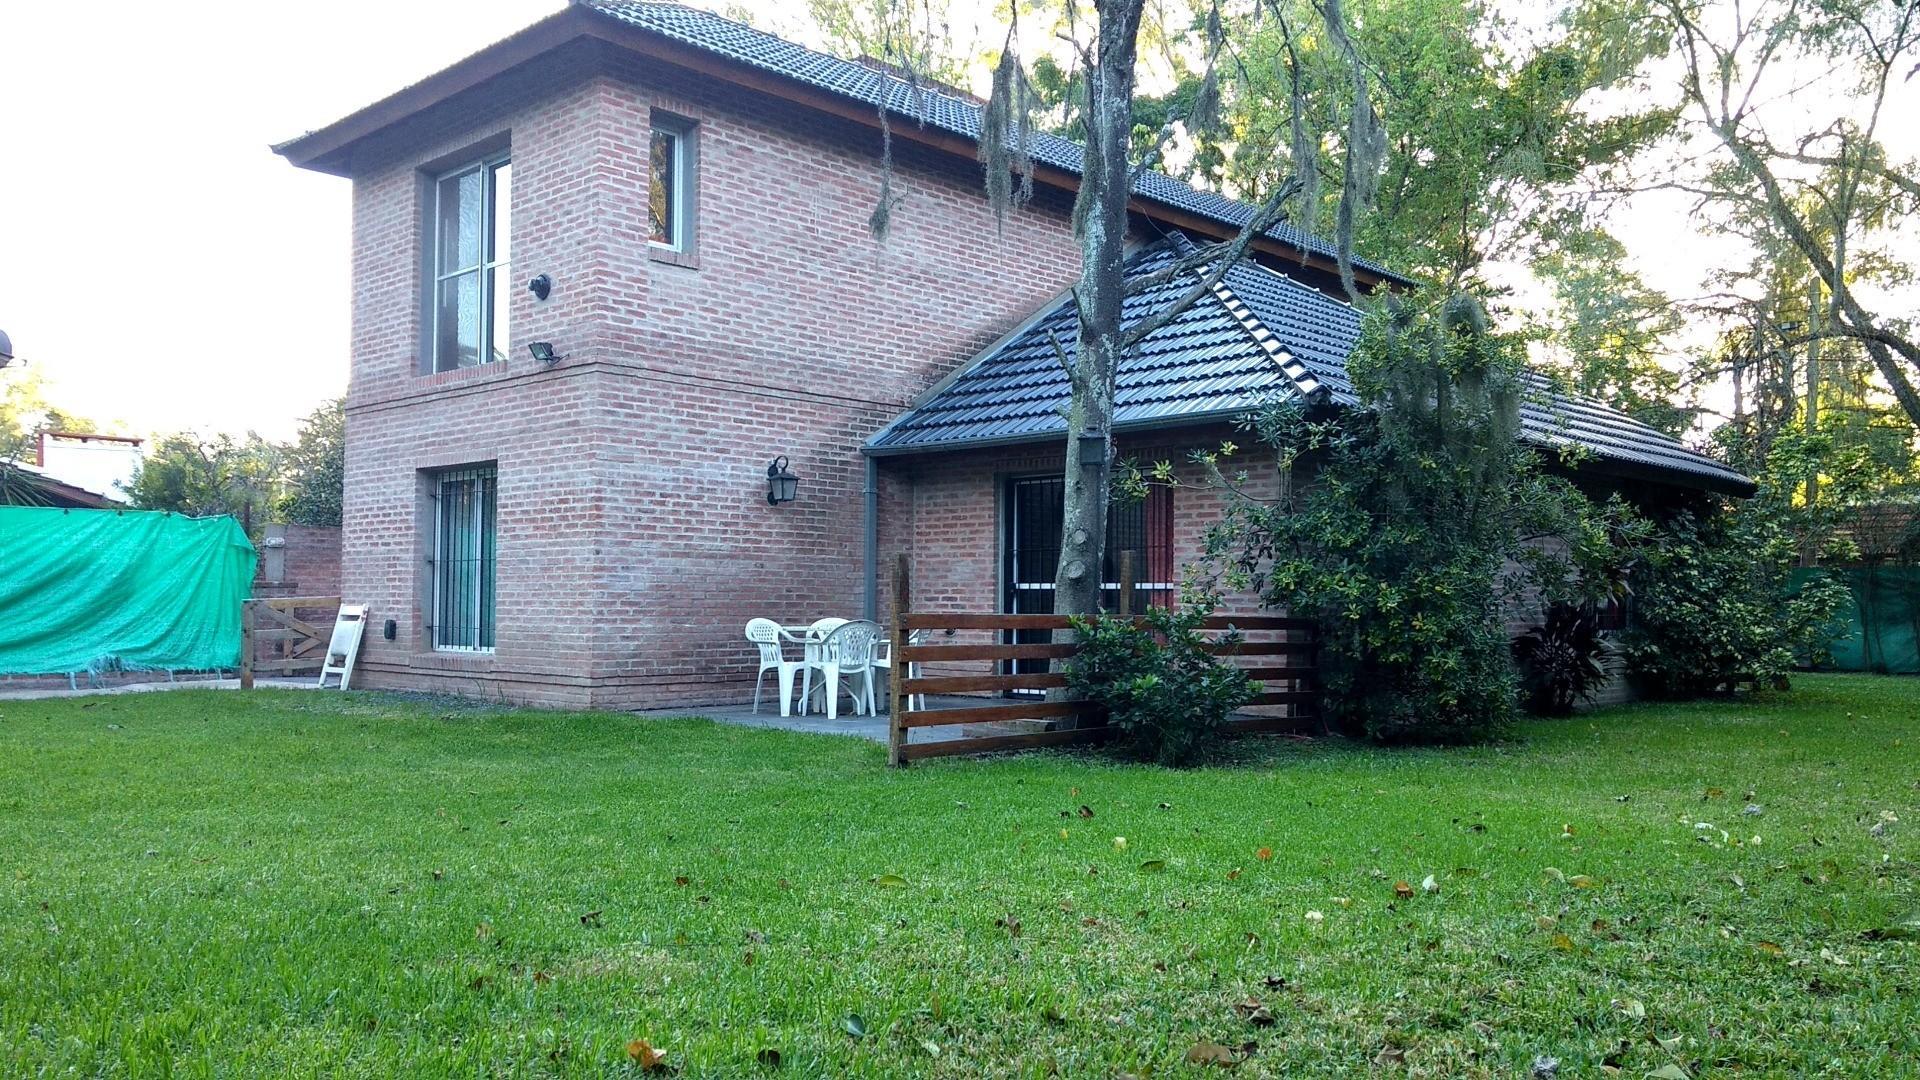 Casa - 165 m² | 3 dormitorios | 9 años